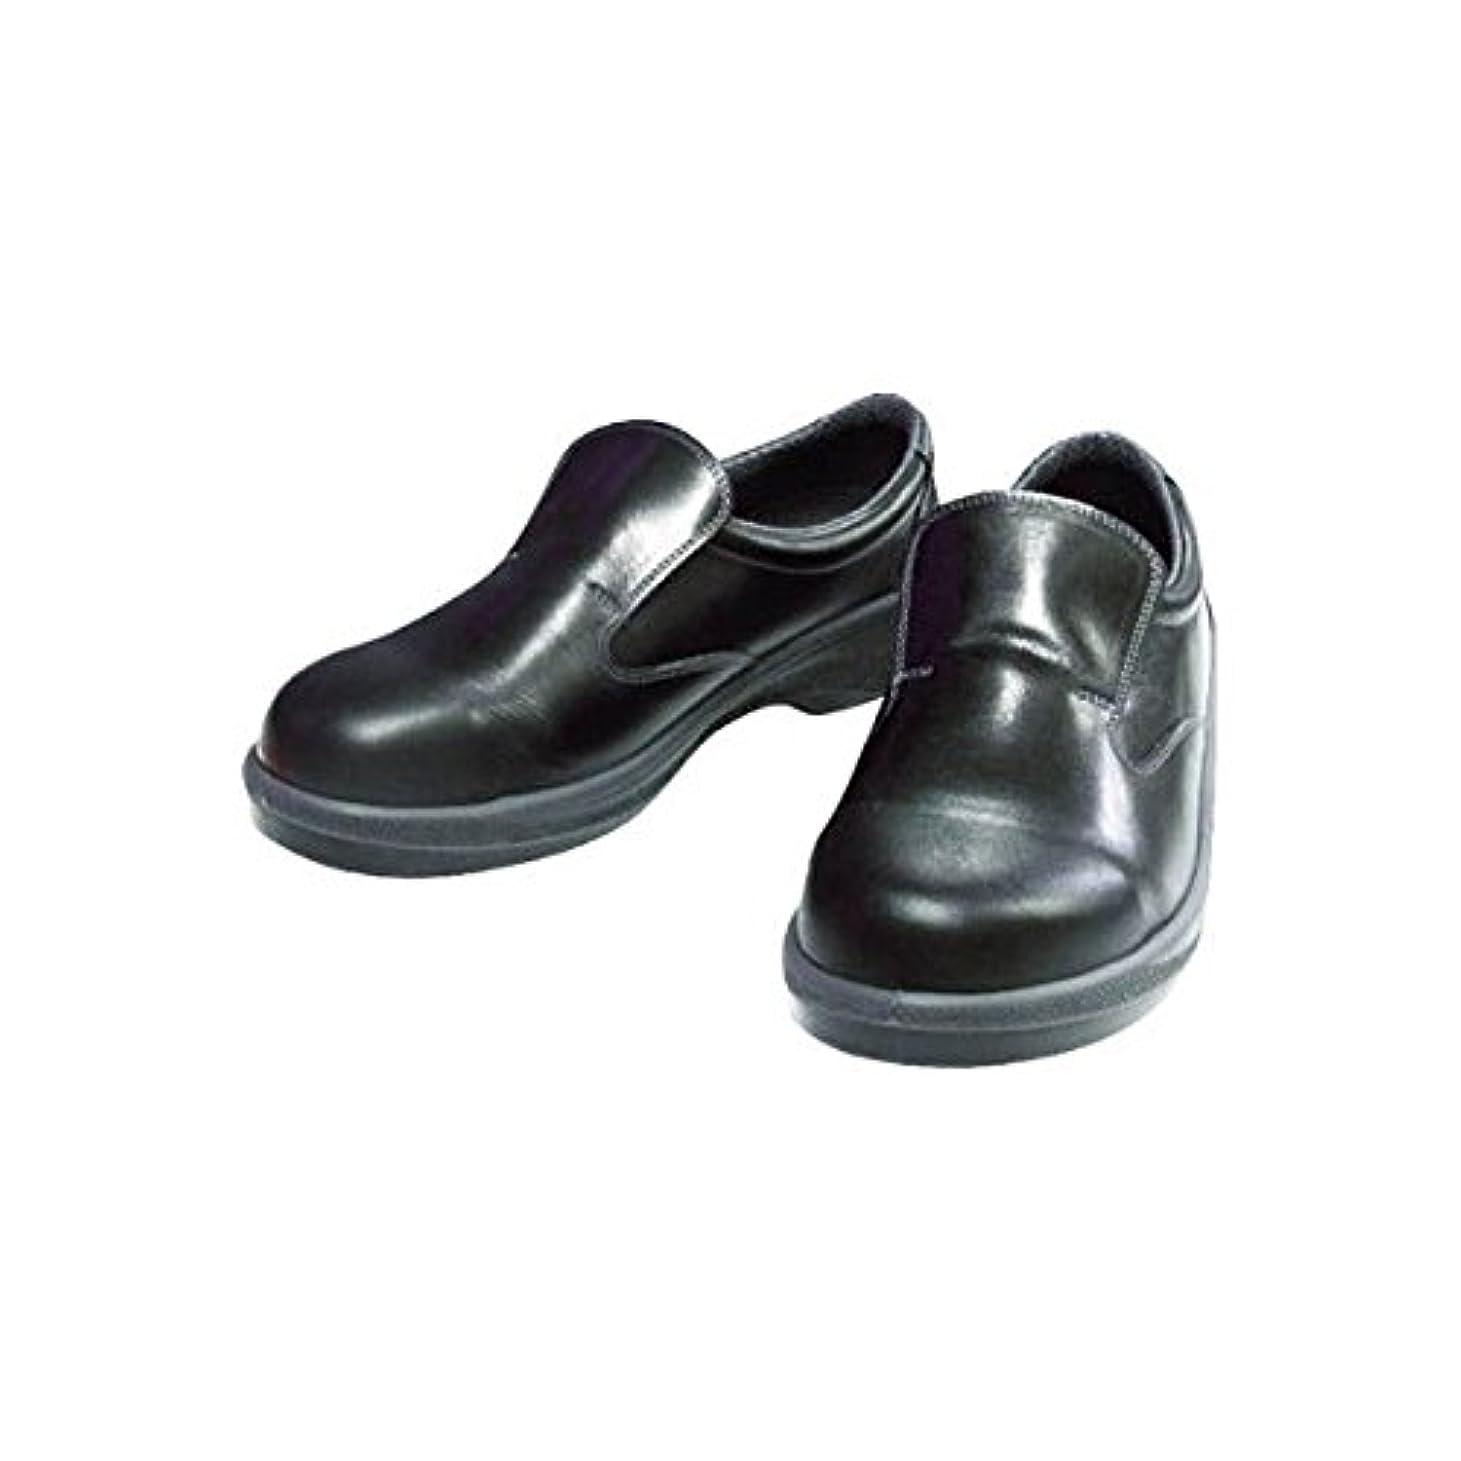 来て裕福な最後のシモン/シモン 安全靴 短靴 7517黒 26.5cm(3085724) 7517-26.5 [その他] [その他]